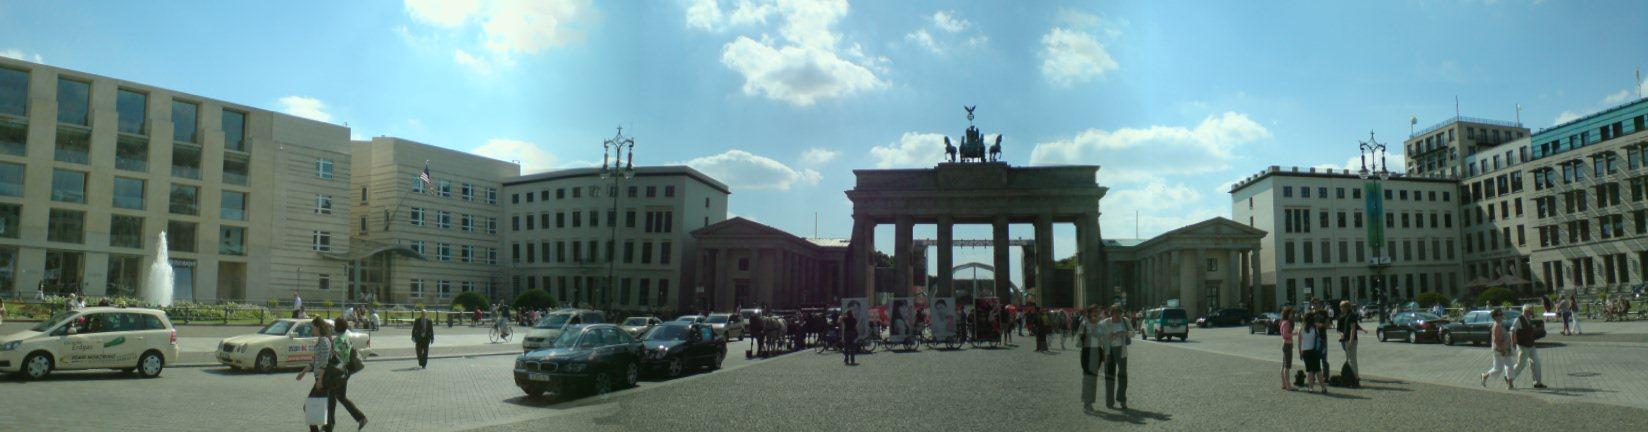 Panorama von Brandenburger Tor